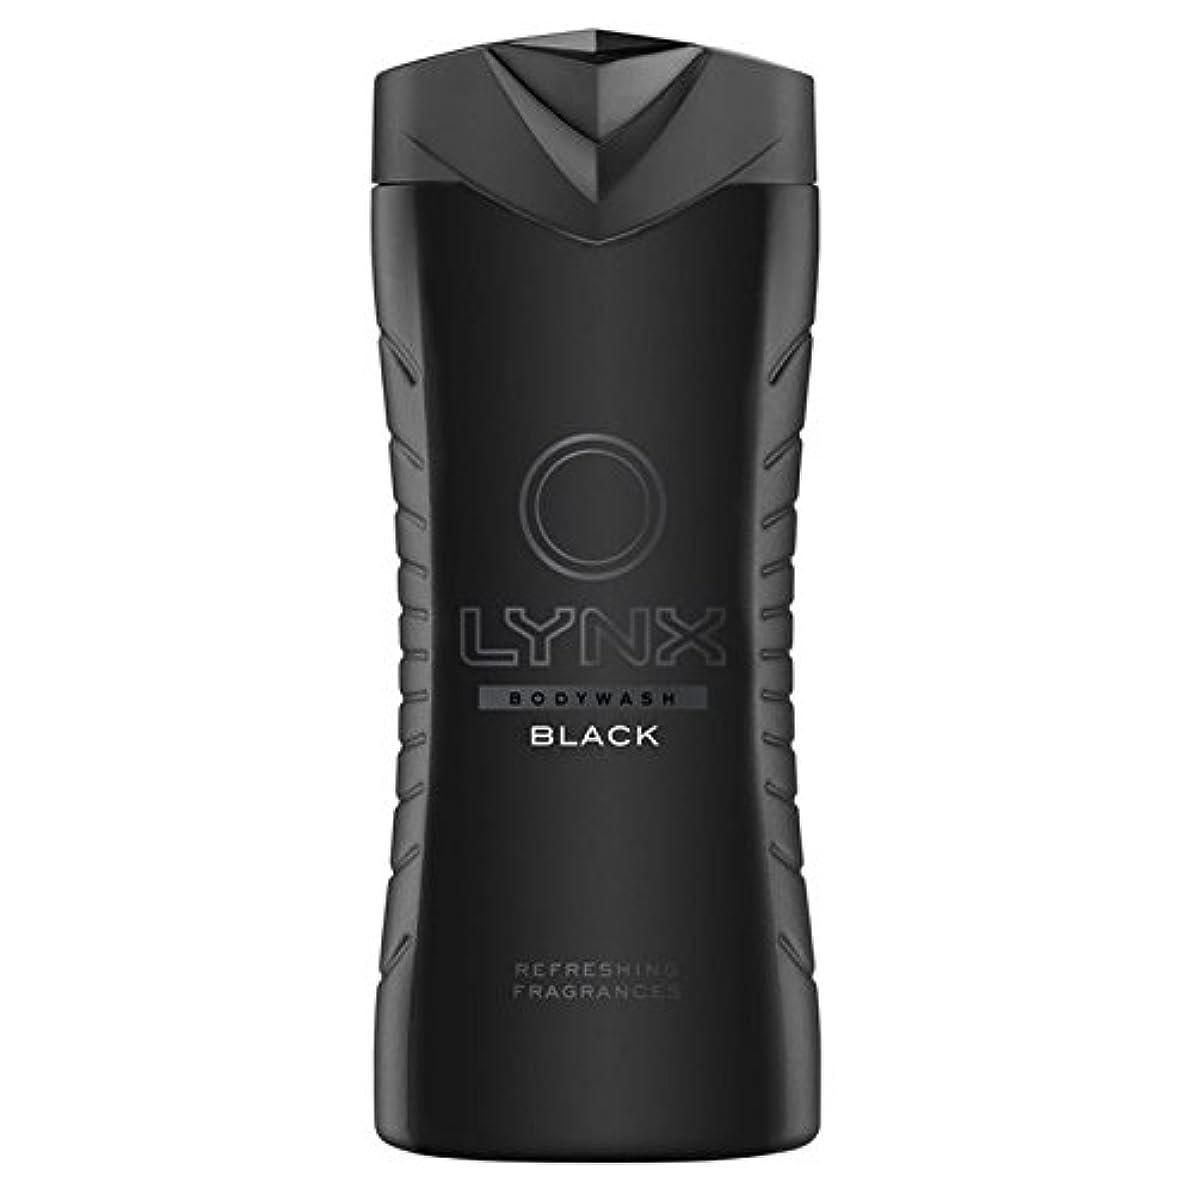 承認するに応じて小人オオヤマネコブラックシャワージェル400ミリリットル x4 - Lynx Black Shower Gel 400ml (Pack of 4) [並行輸入品]